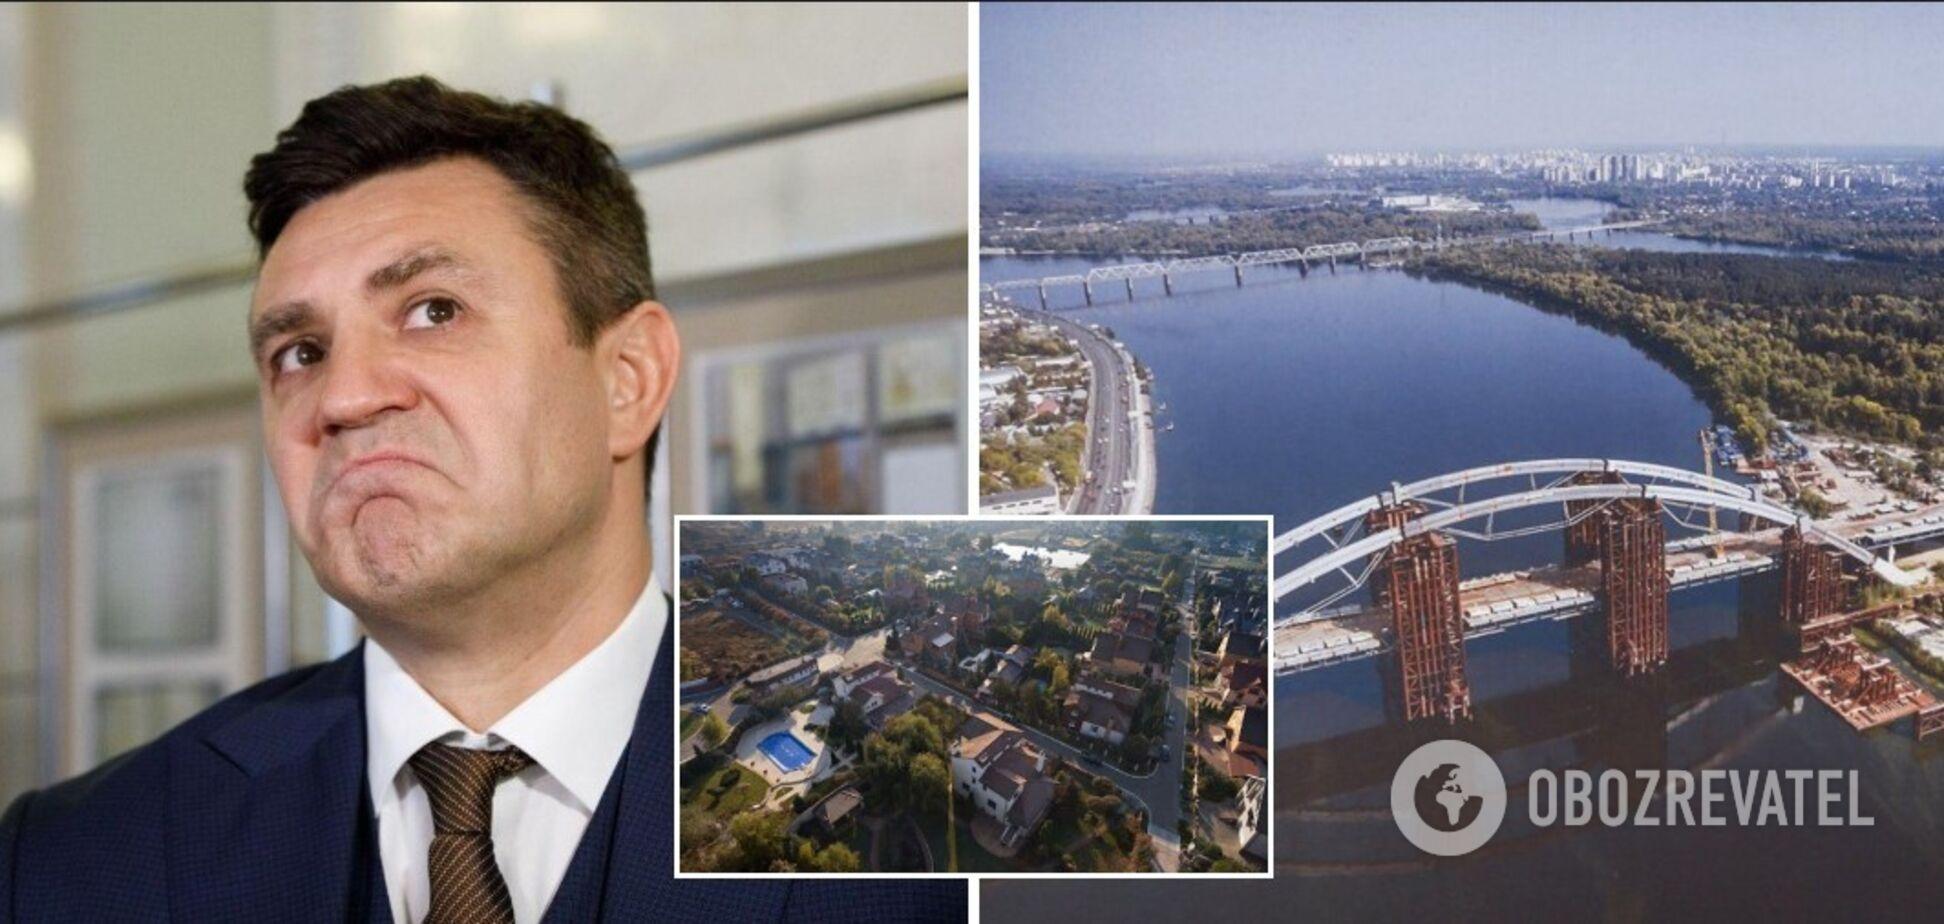 Семью Тищенко заподозрили в 'строительном дерибане' и присвоении сотен миллионов из бюджета. Видео